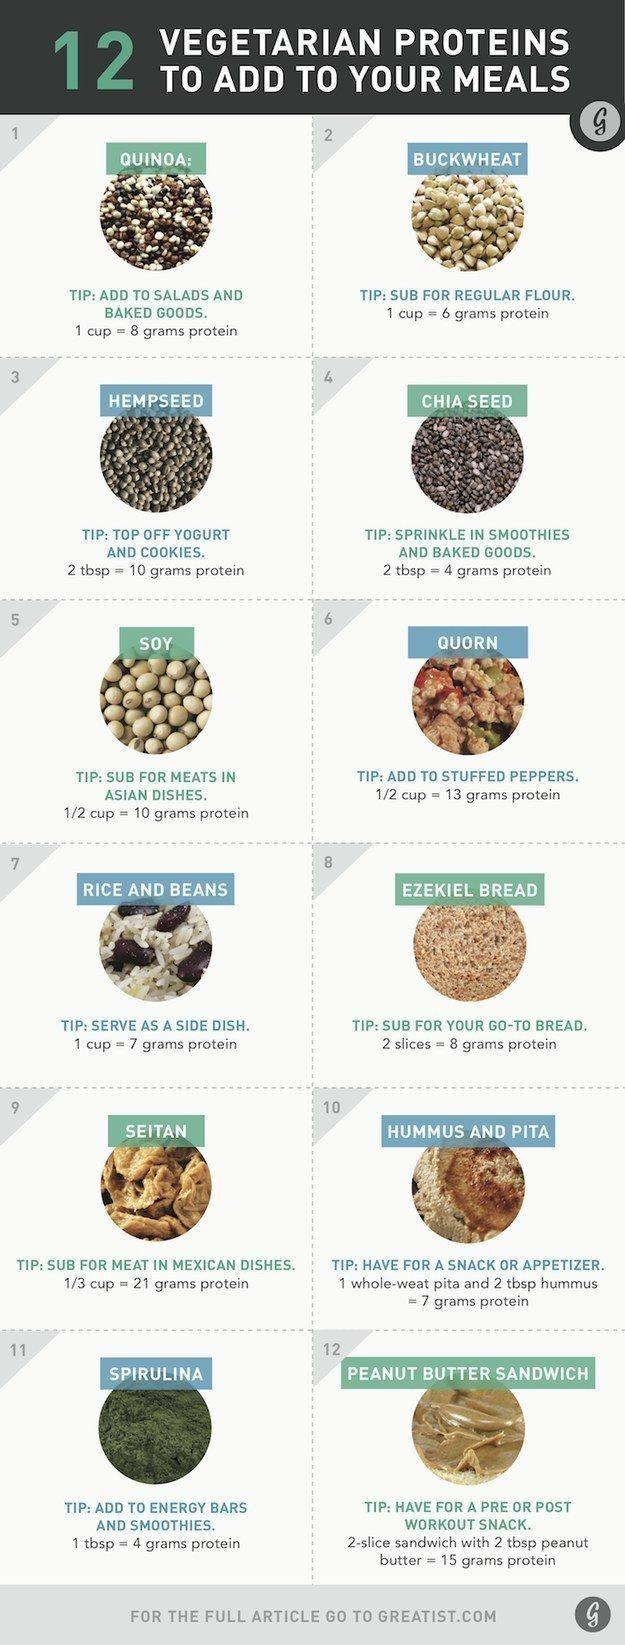 Quer você esteja pensando em tornar-se vegetariano, vegan ou simplesmente esteja tentando comer bem menos carne, essas dicas podem ajudá-lo a fazer isso de uma forma saudável e sustentável.